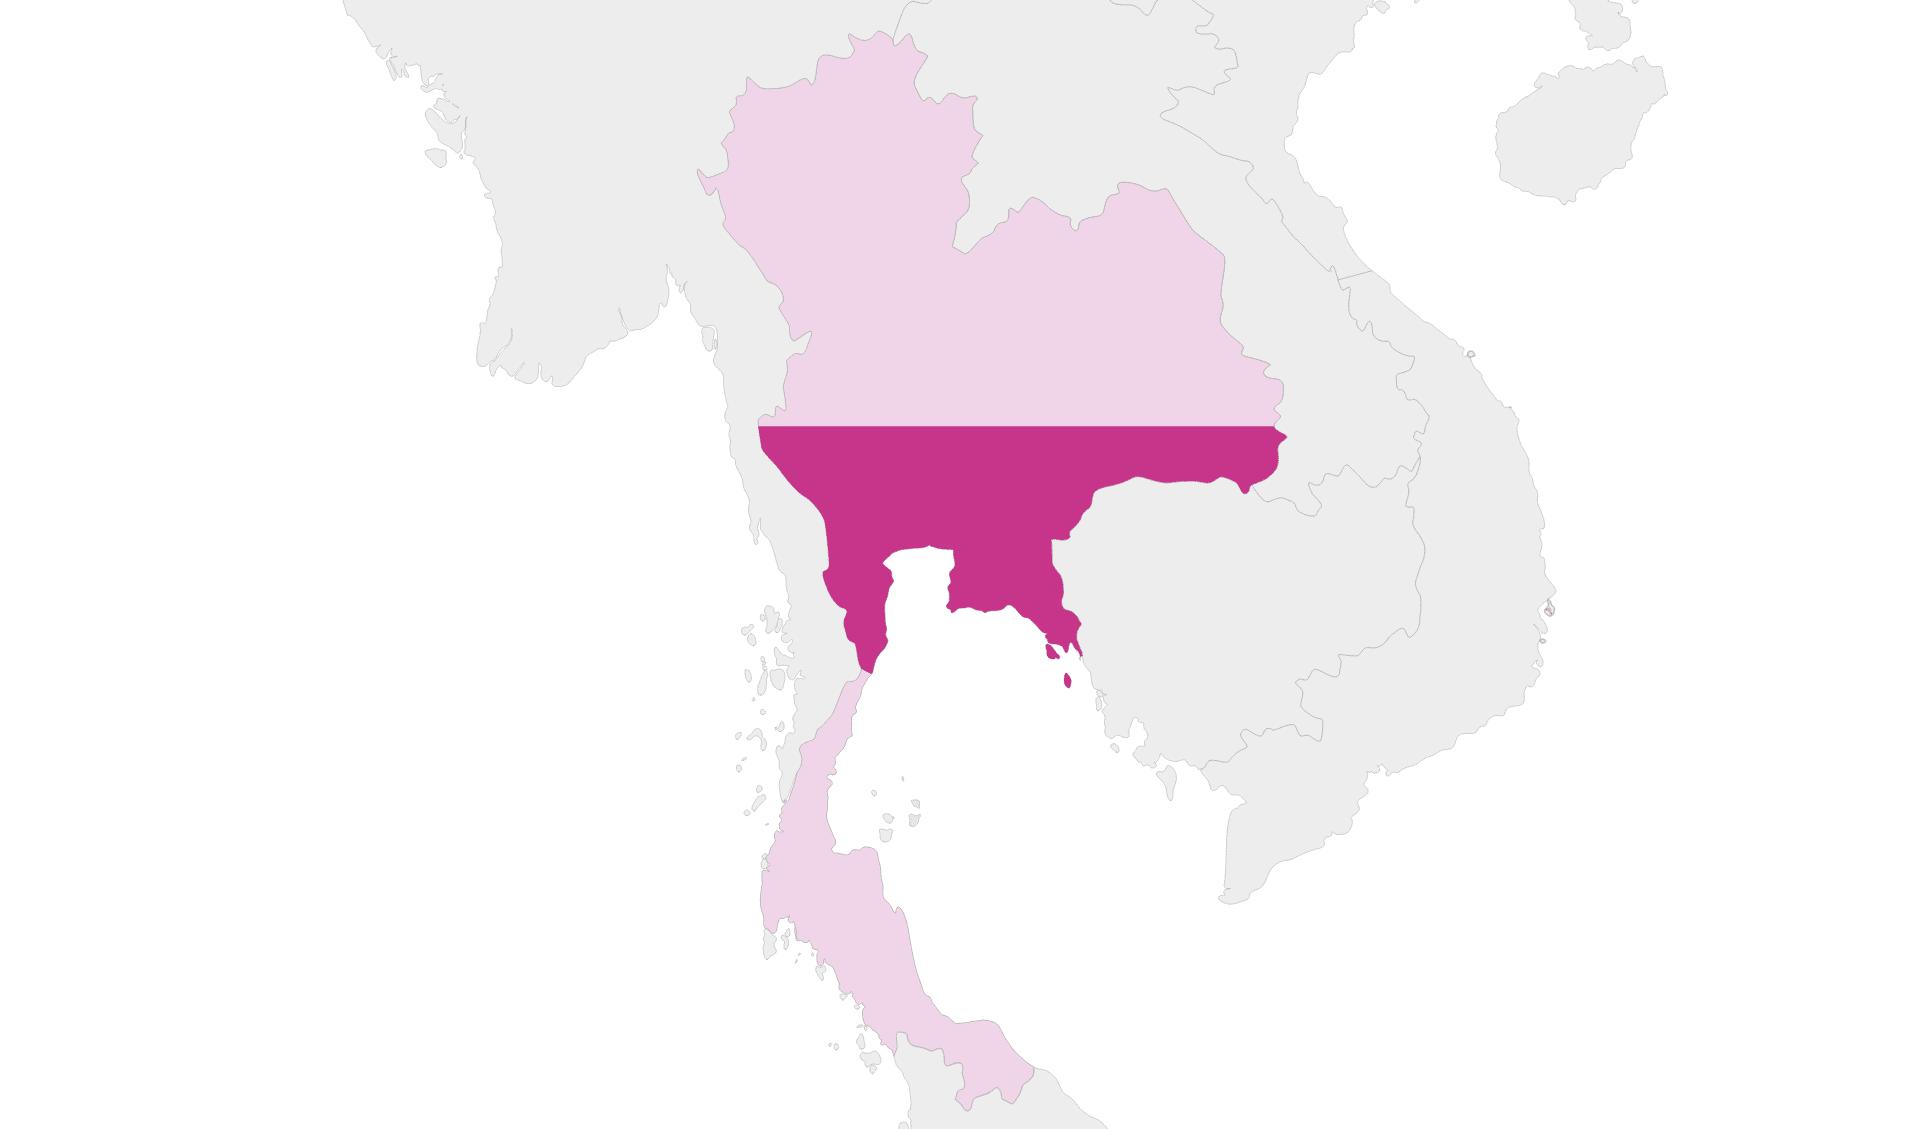 Karte Thailand Region Zentral-Thailand